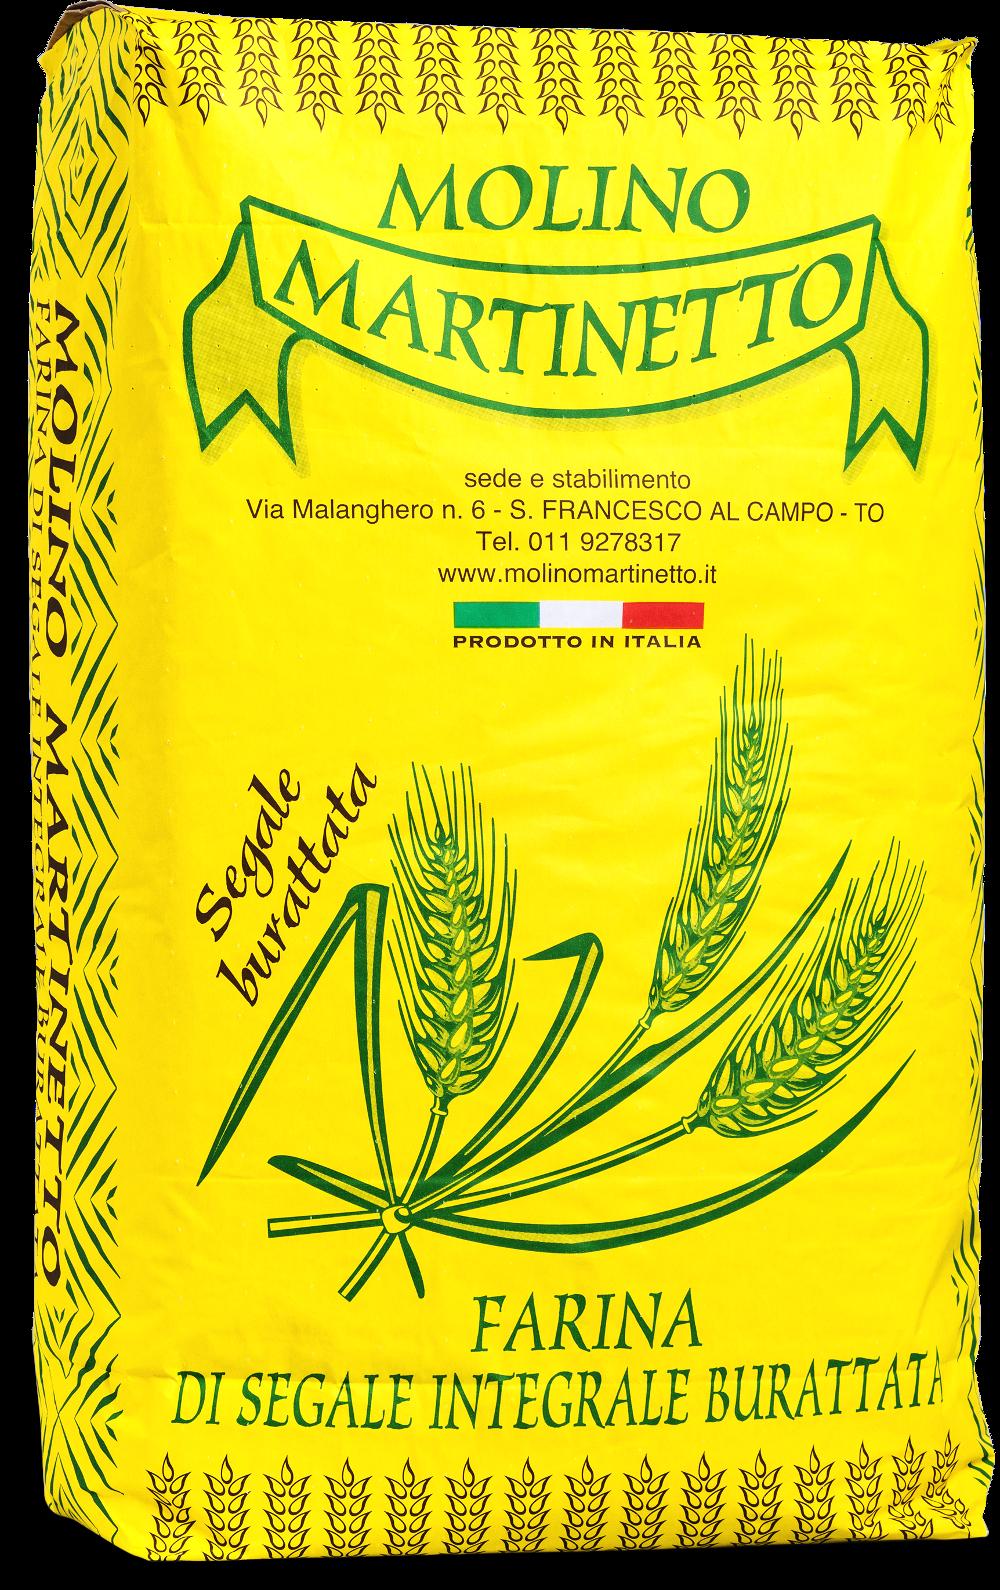 LA-SEGALE-BURATTATA-MOLINO-MARTINETTO-FARINE-TORINO